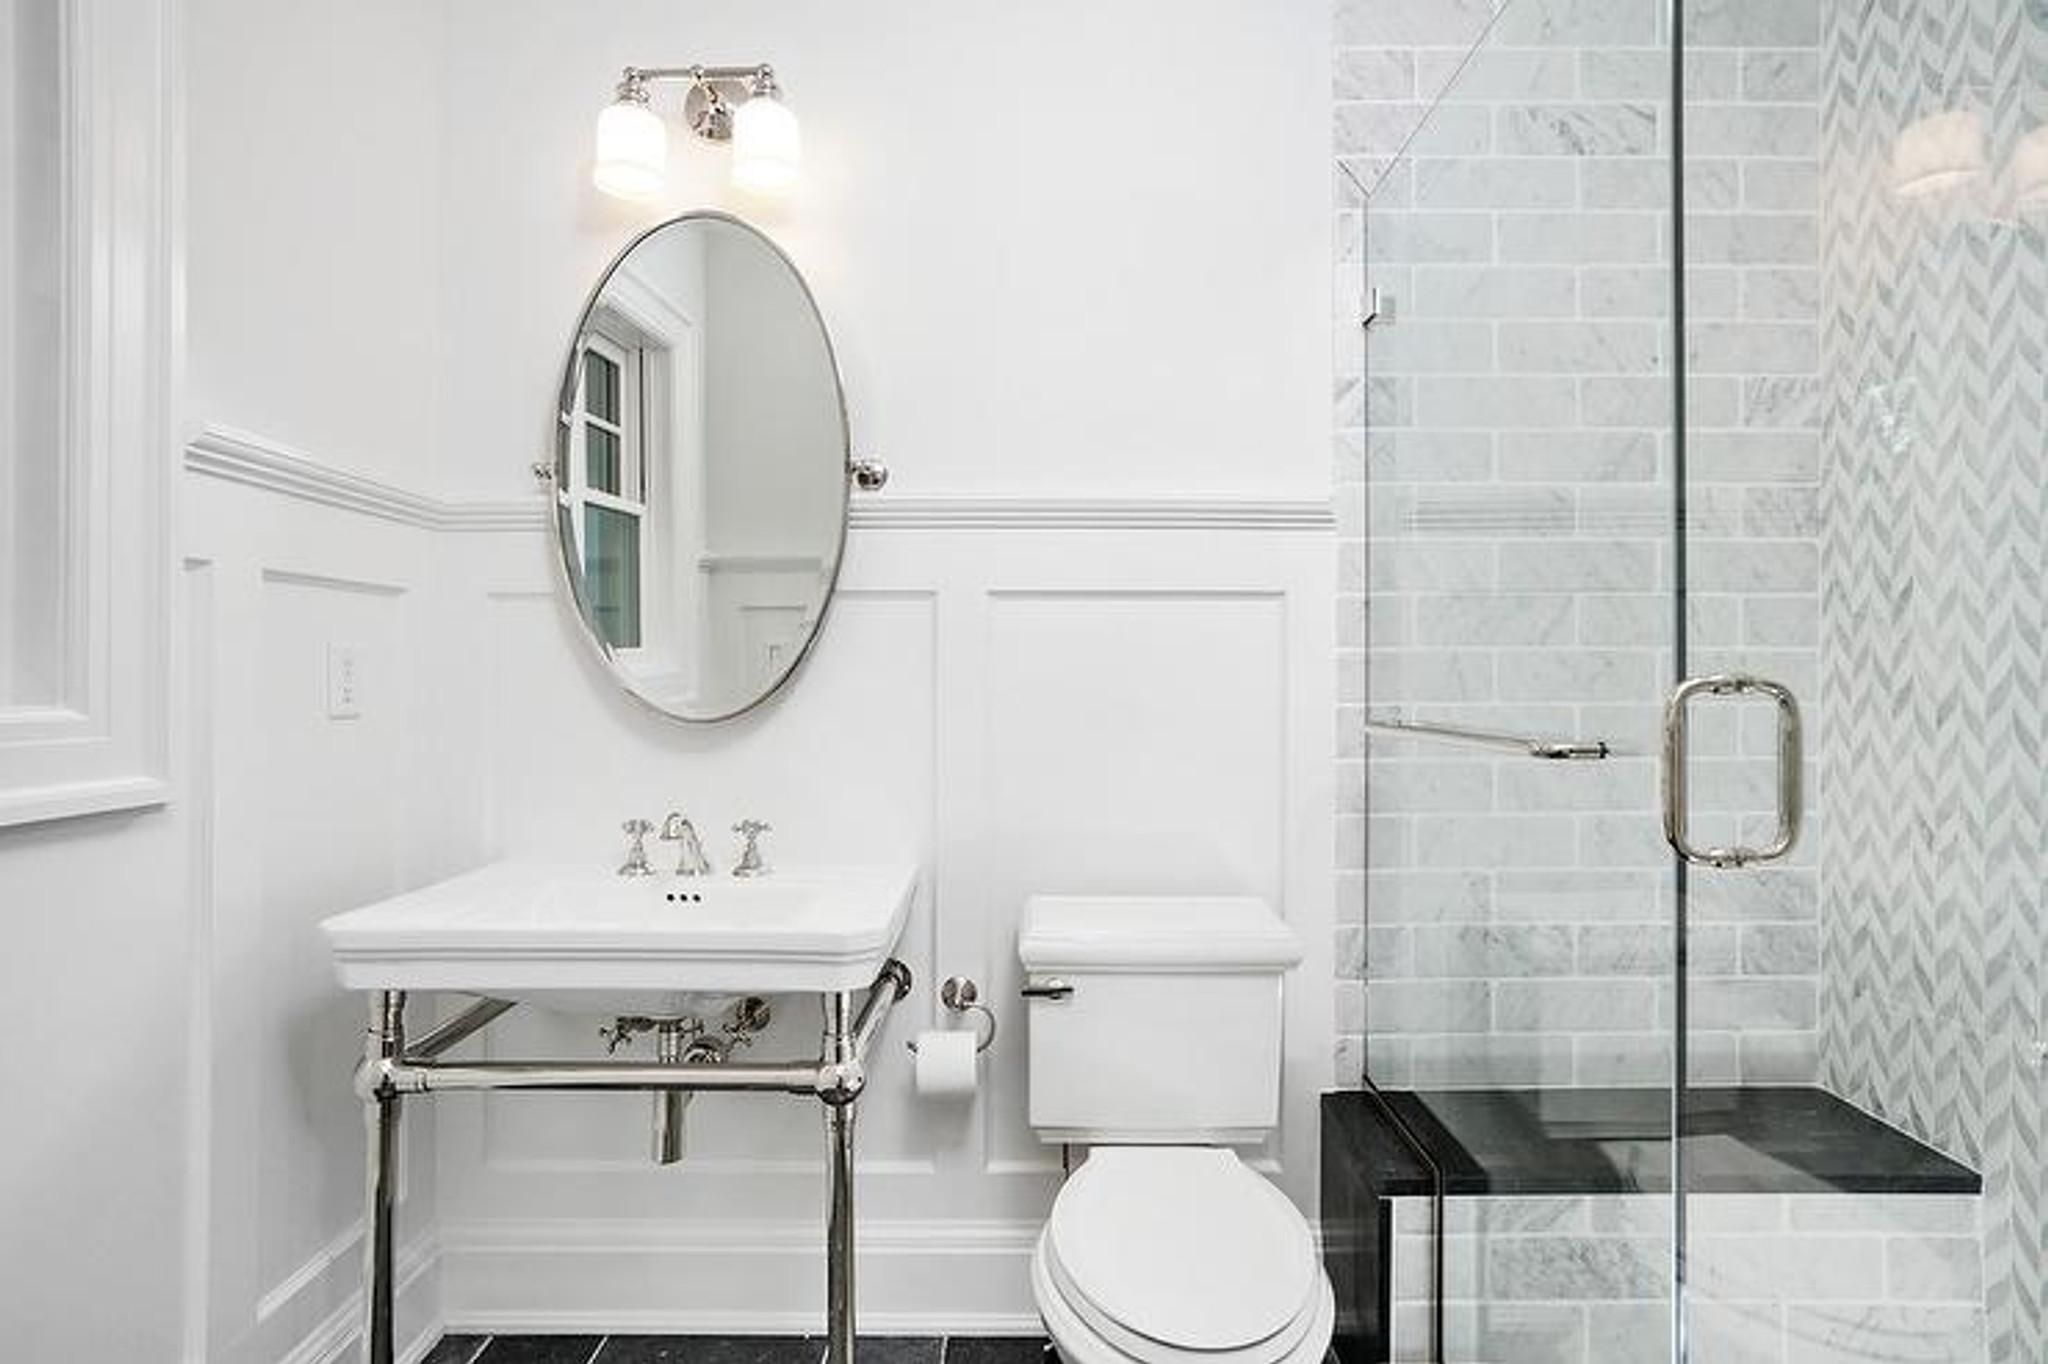 renwil azalea oval silver nickel pivot swivel bathroom vanity mirror